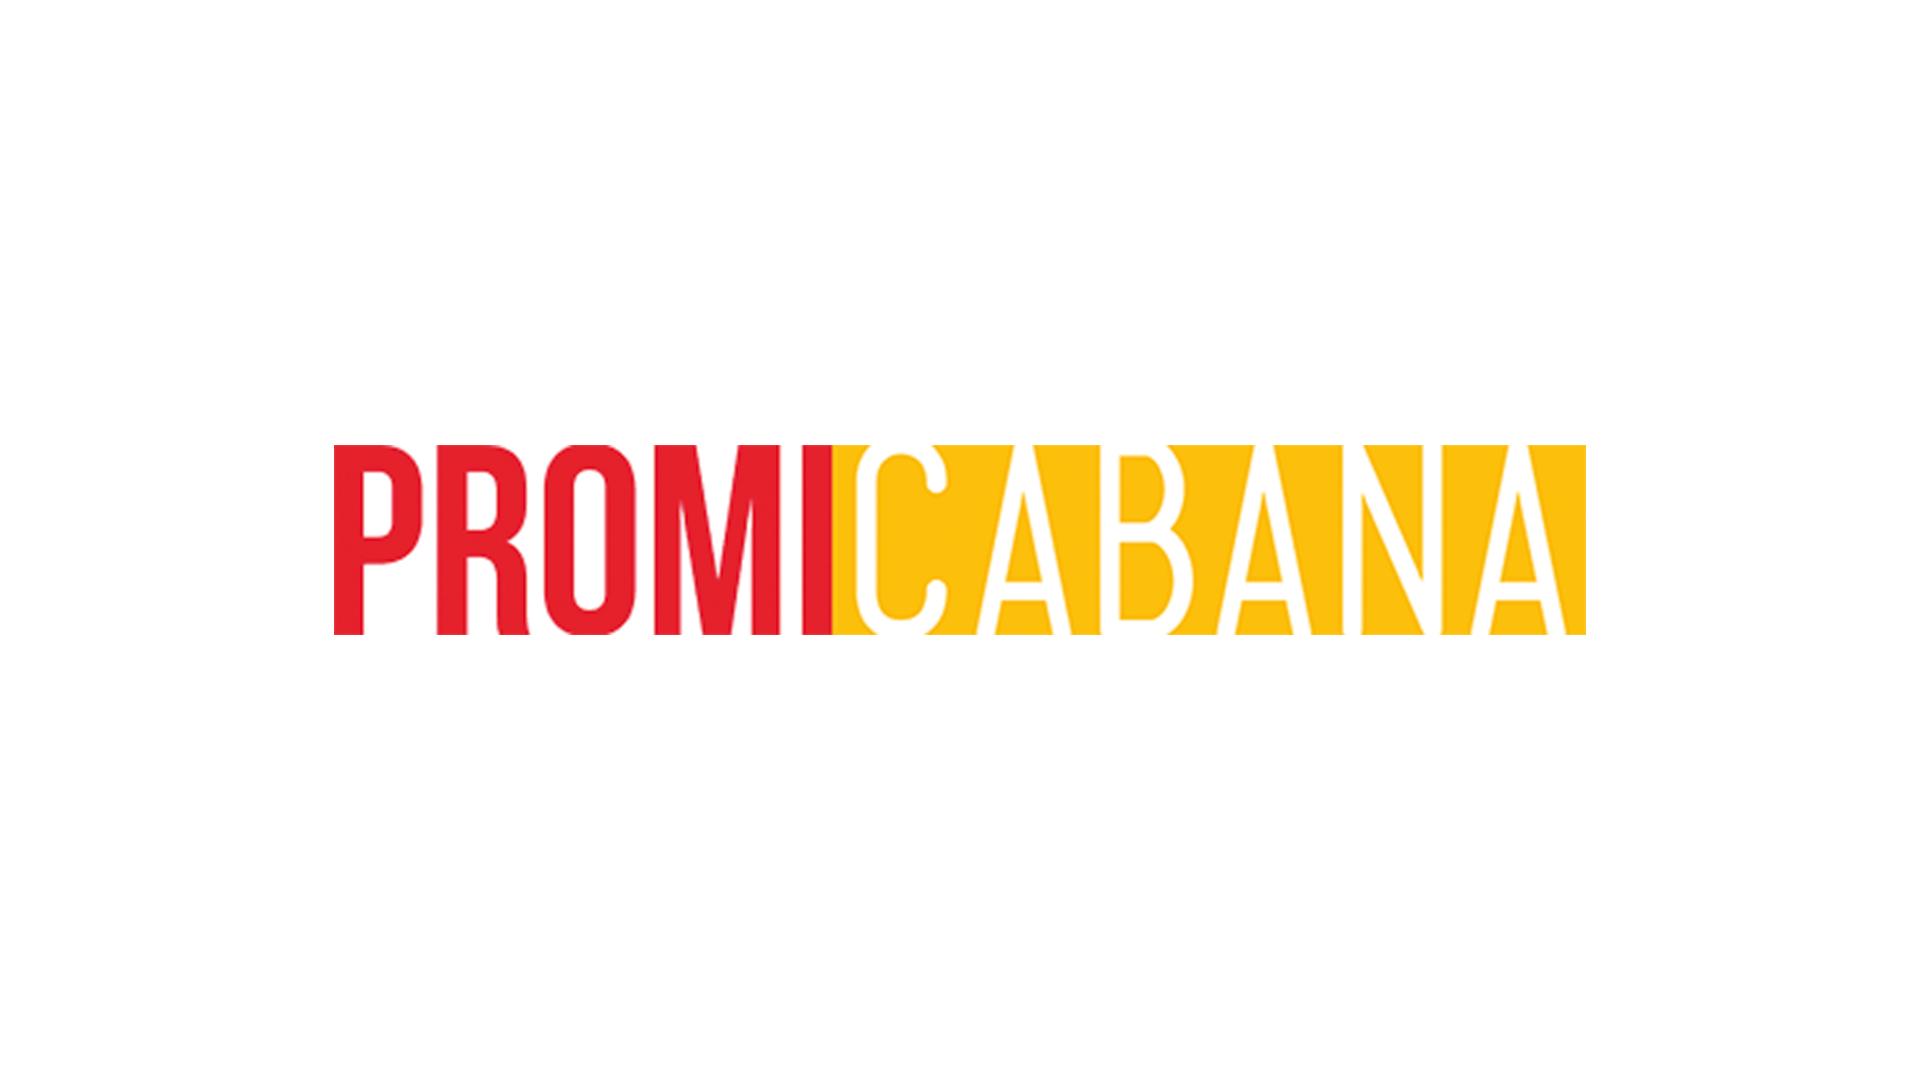 BTK - Kaulitz Twins App  Tokio-Hotel-App